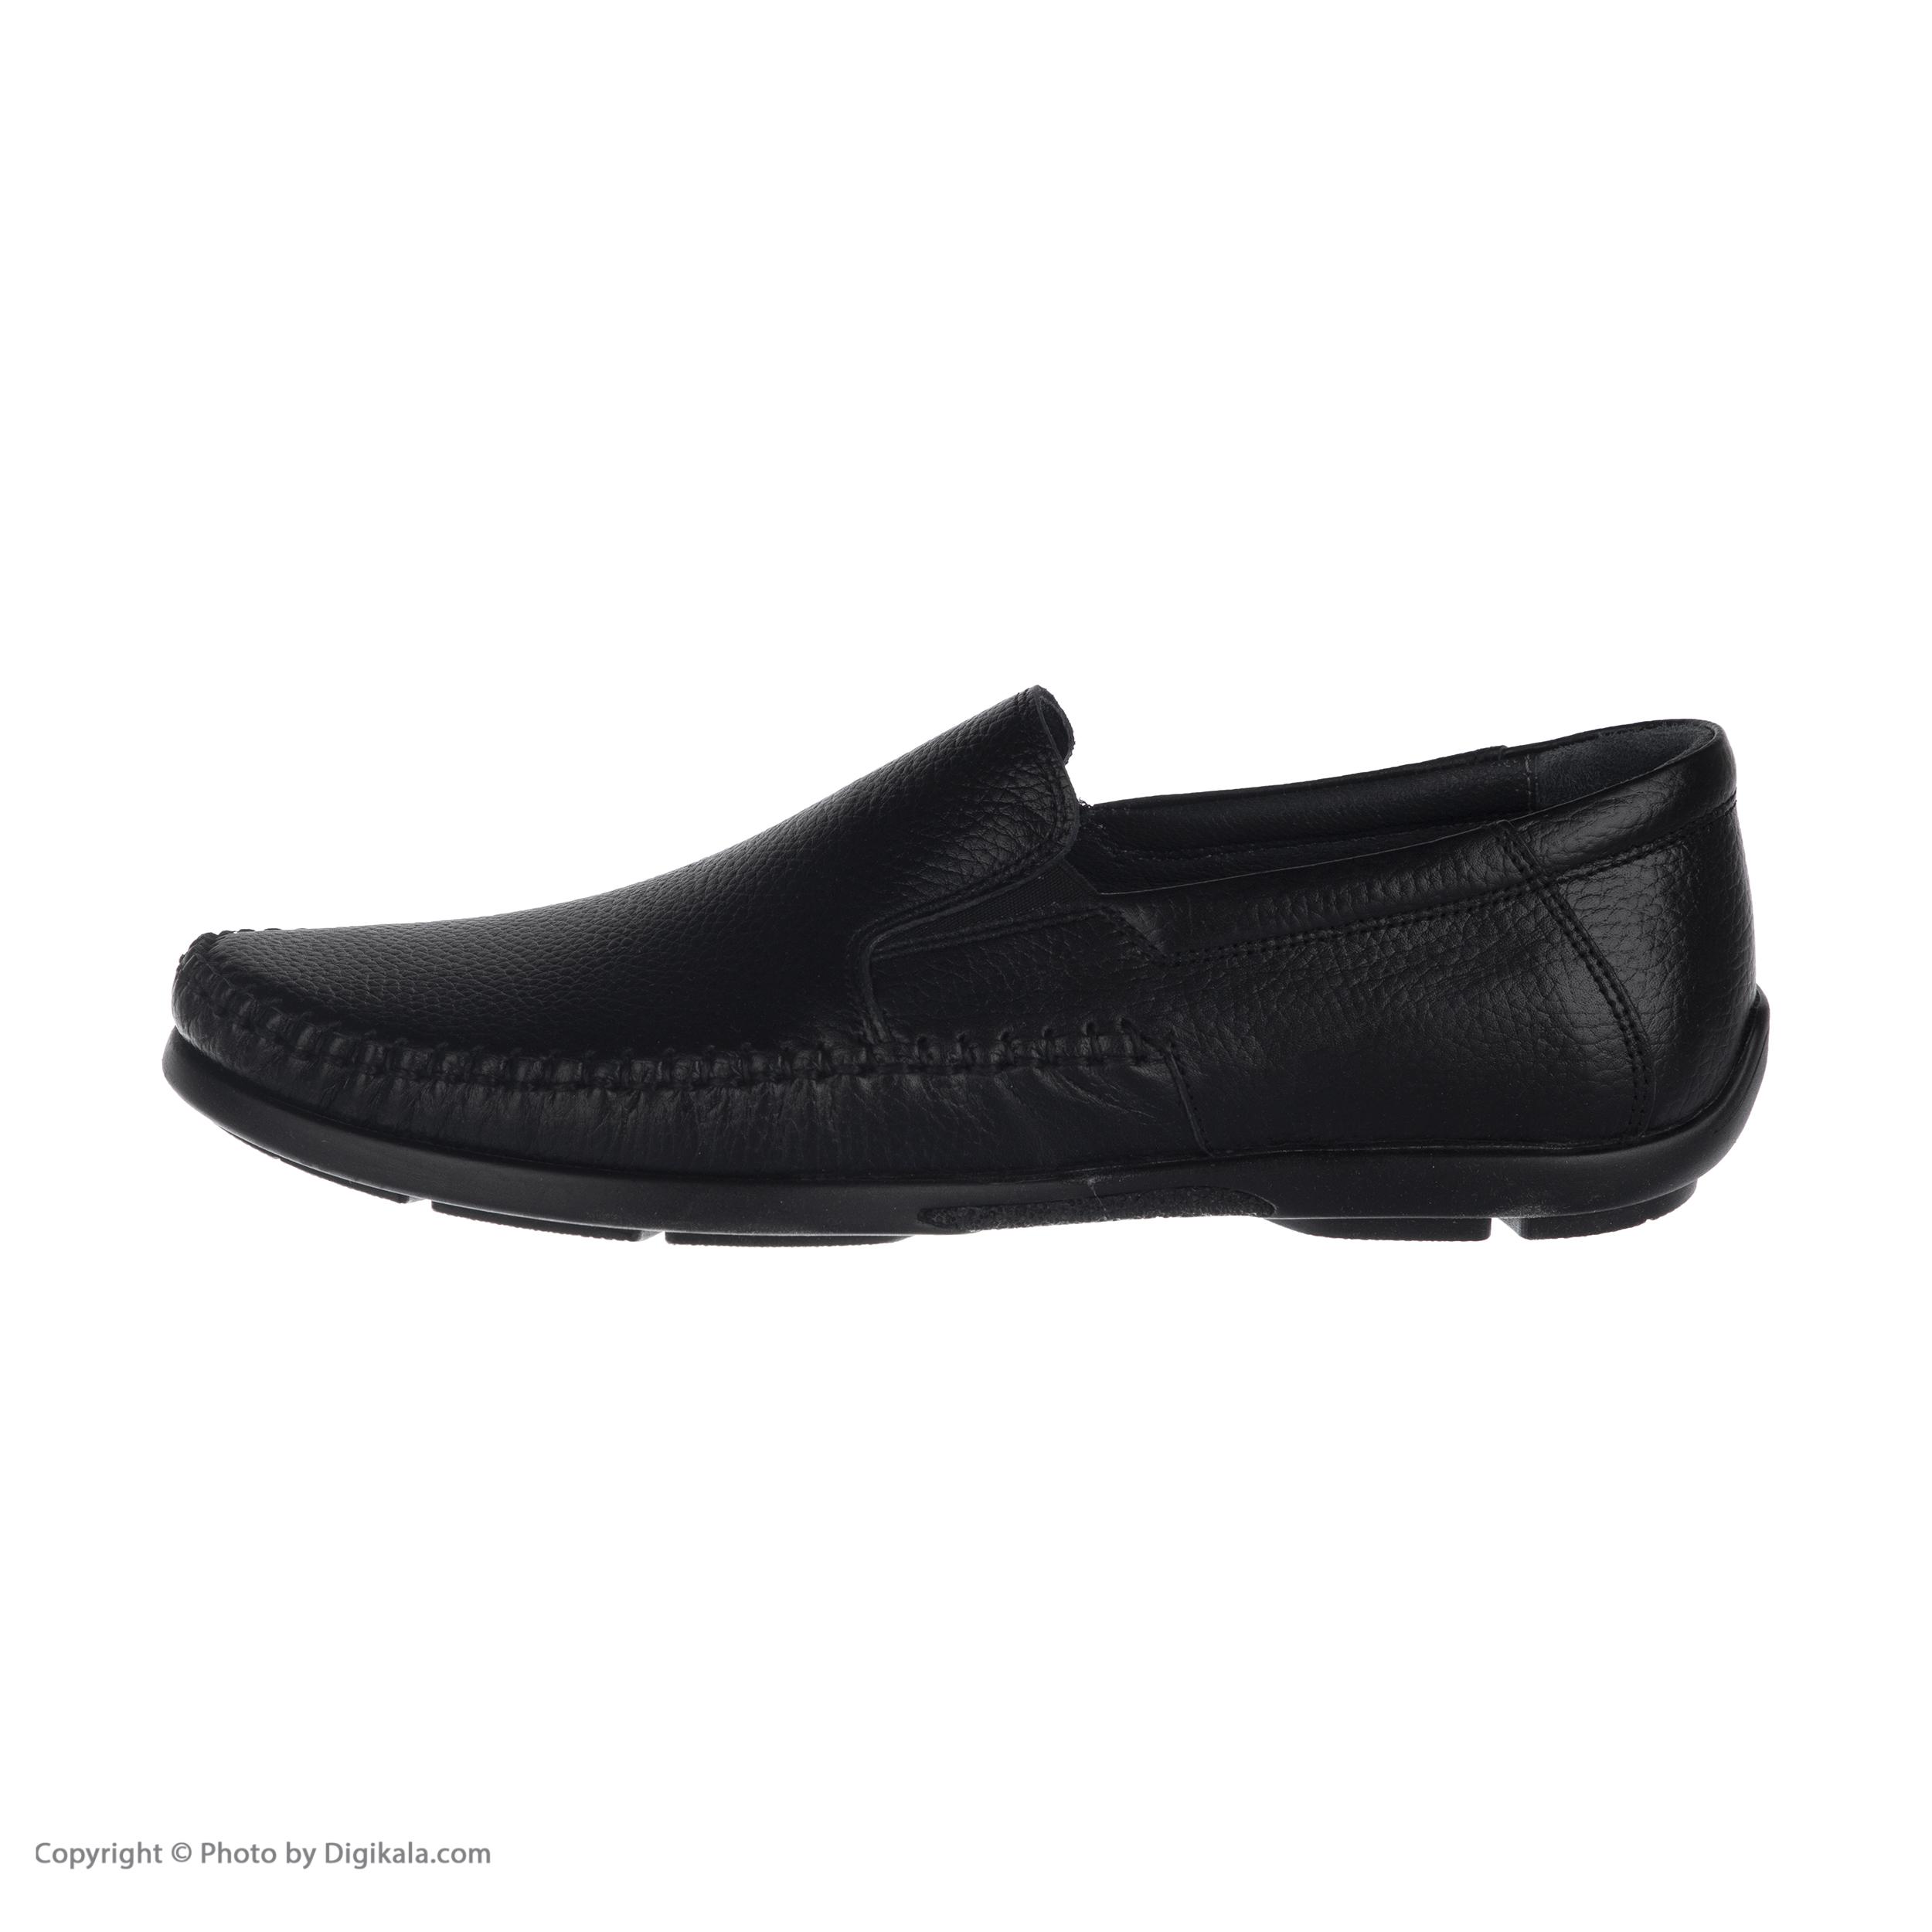 کفش روزمره مردانه ریمکس مدل 7333B503101 -  - 3